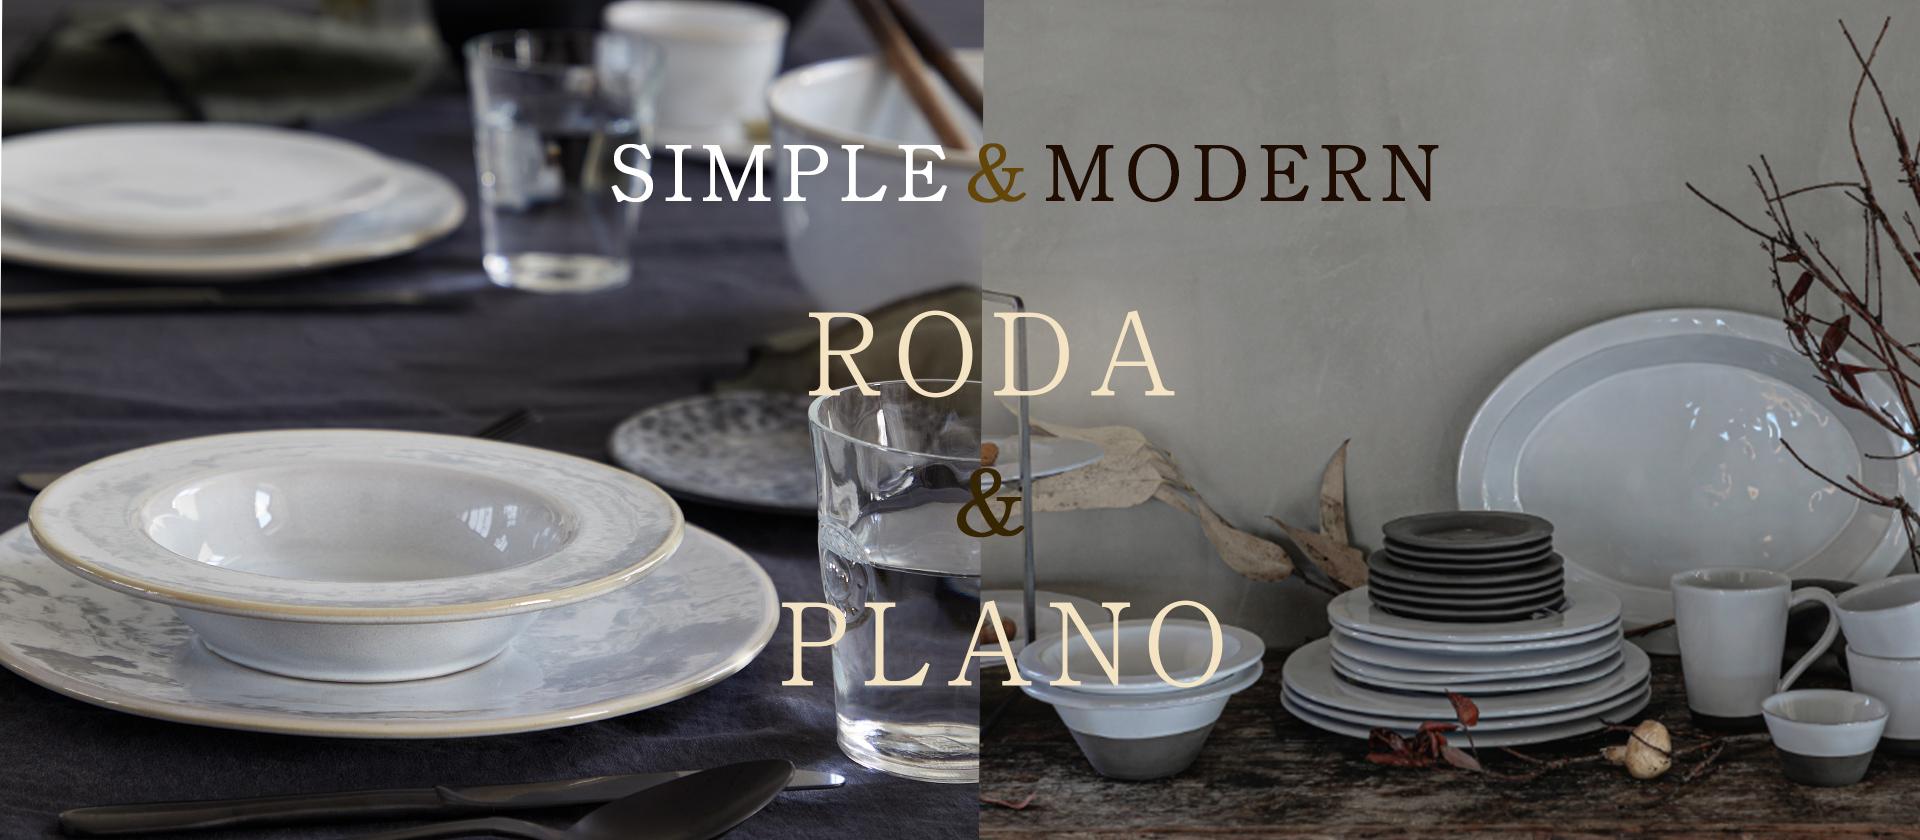 ポルトガルの食器ブランドCOSTANOVAからシンプルでモダンなシリーズ、RODAとPLANOシリーズのご紹介♪